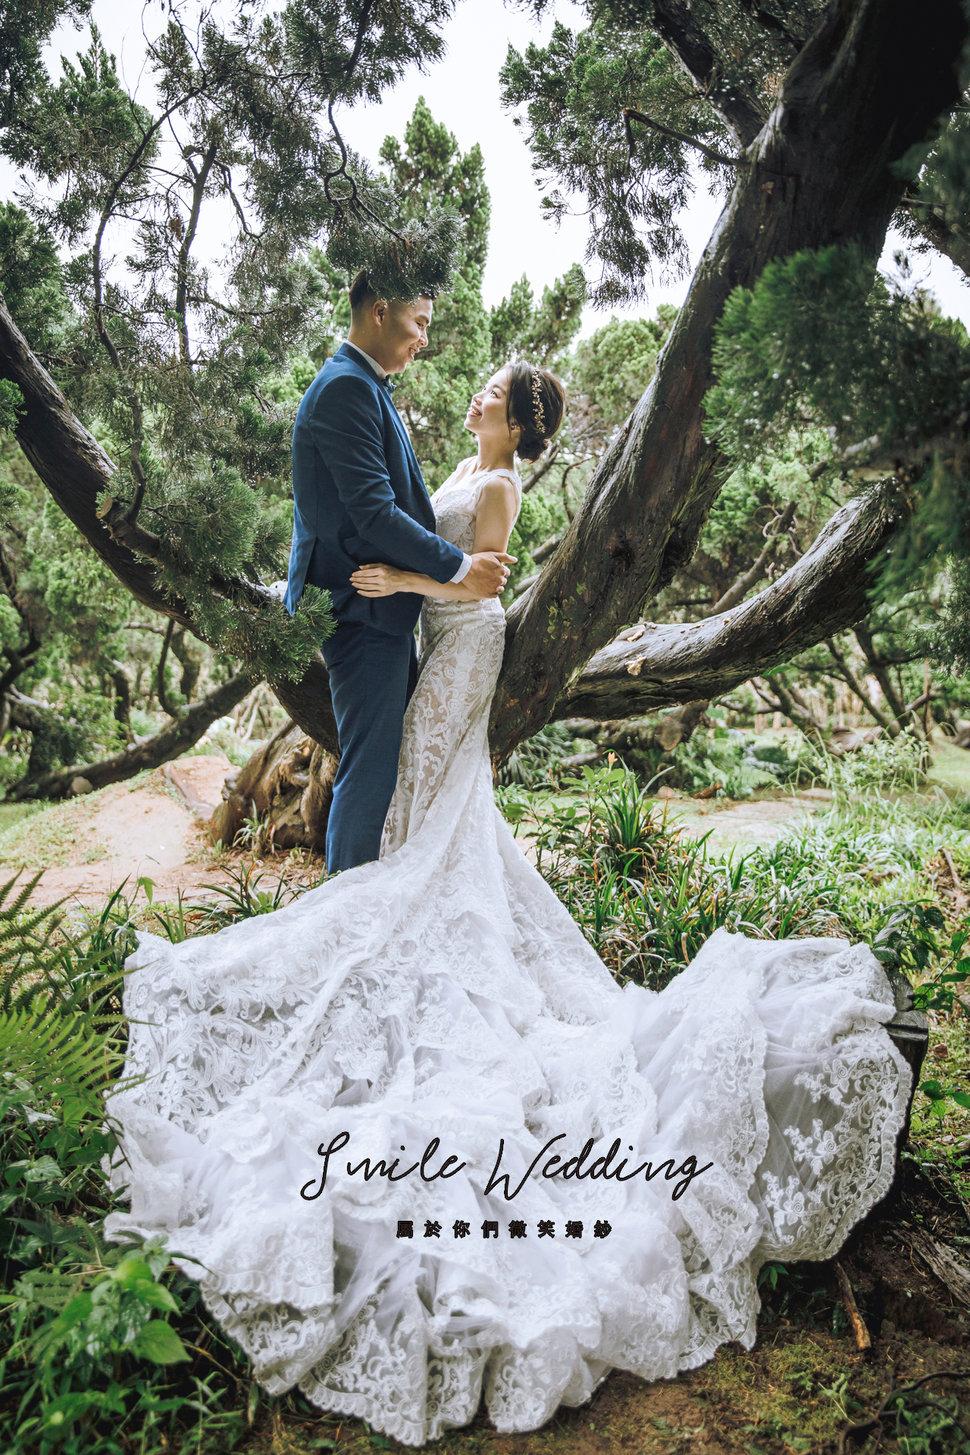 514A7207 - Smile wedding 微笑婚紗《結婚吧》